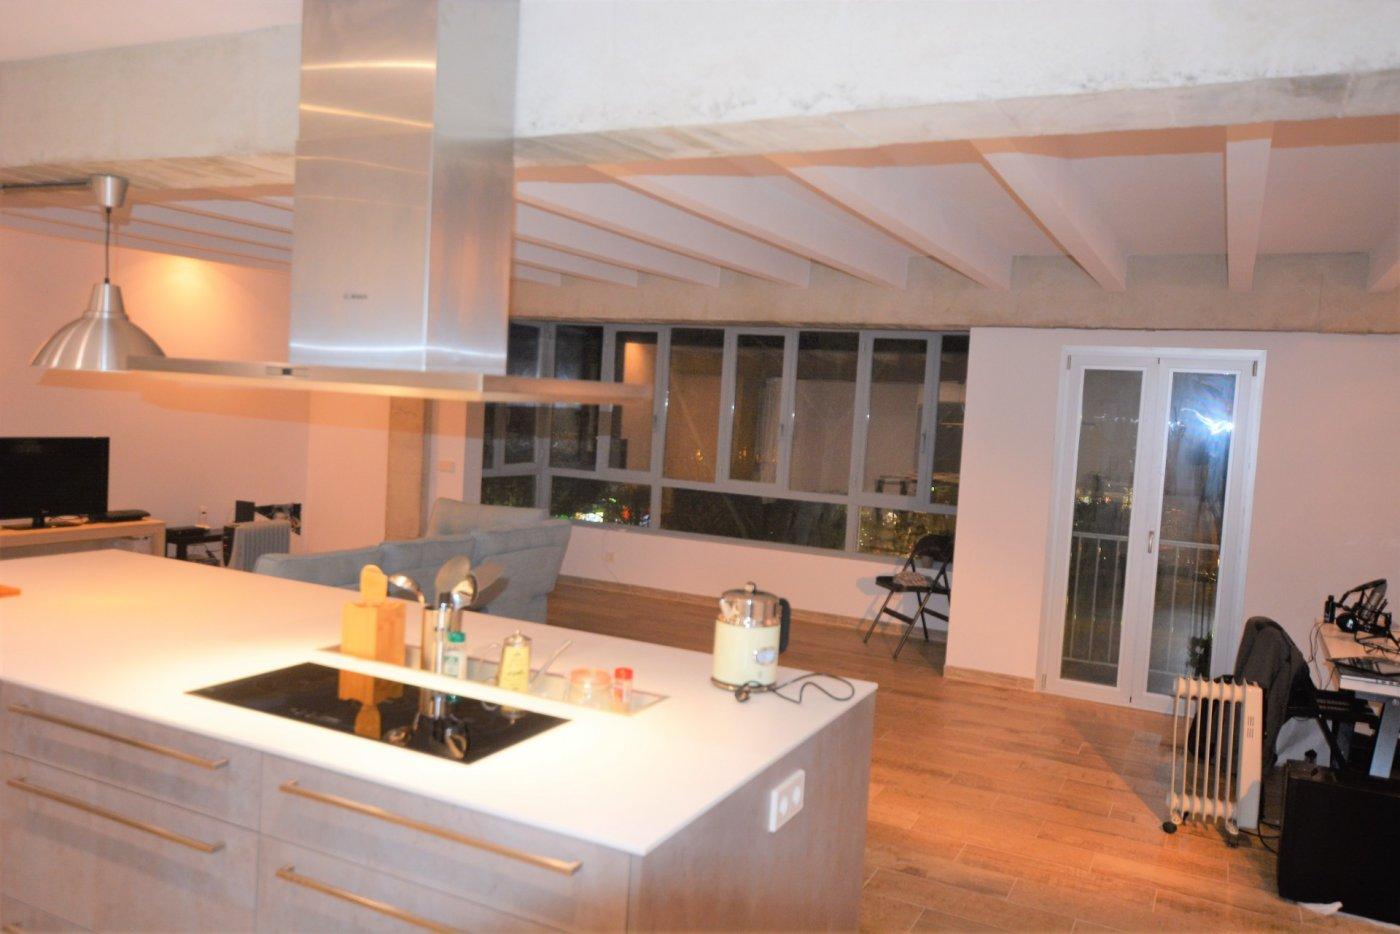 Increíble piso recientemente reformado. - imagenInmueble6